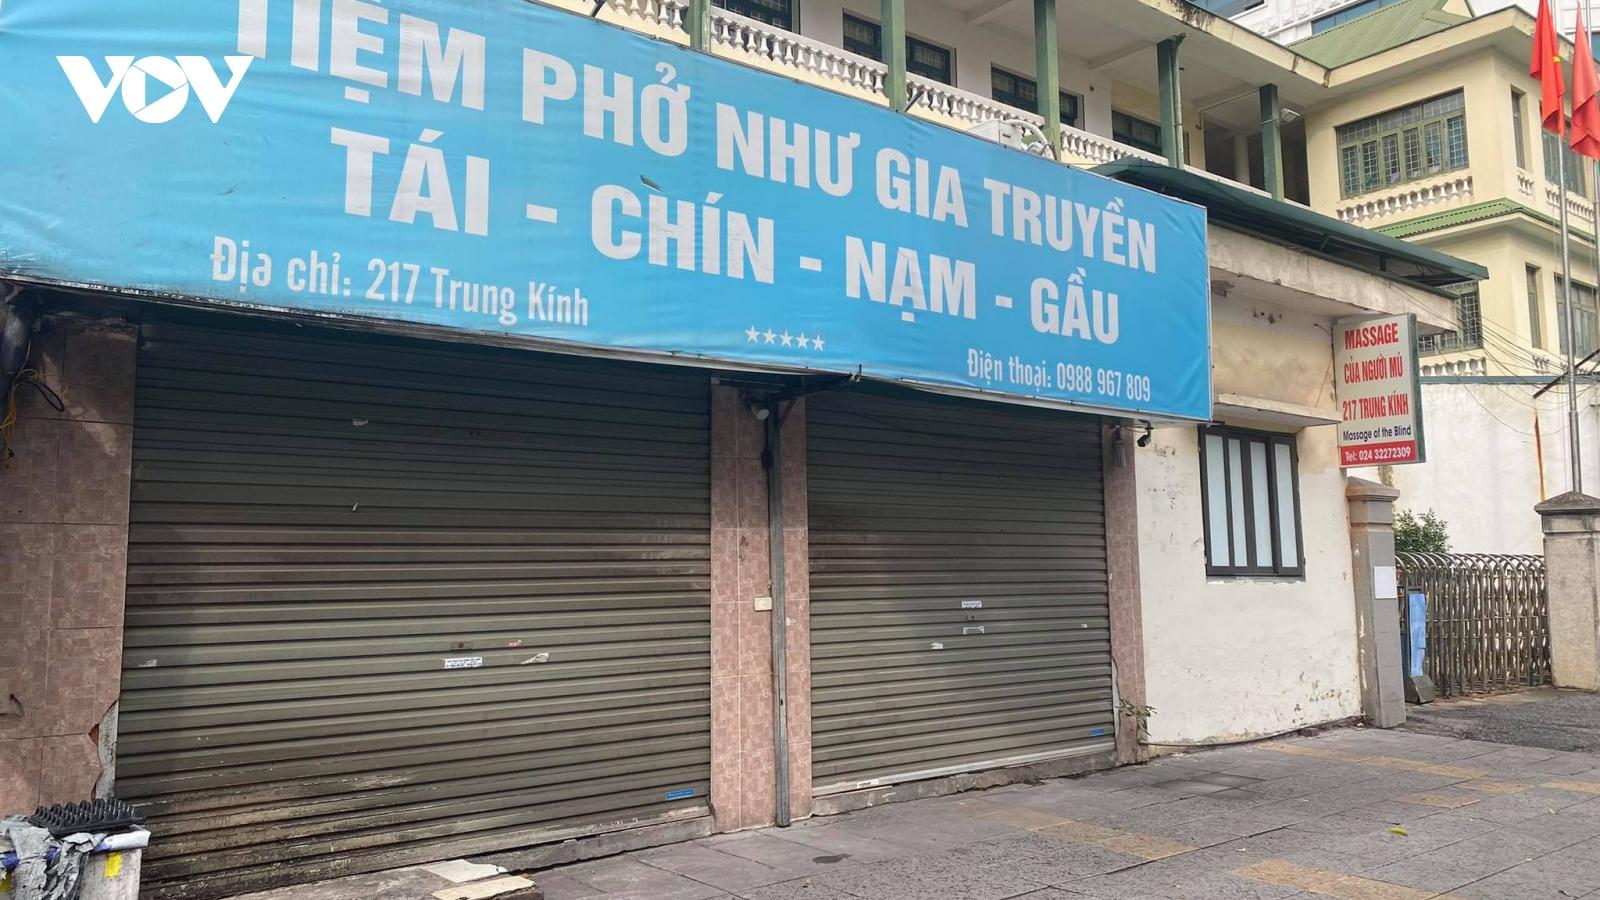 """Nhiều cơ sở kinh doanh ở Hà Nội """"xoay chưa kịp"""" để mở bán trở lại"""